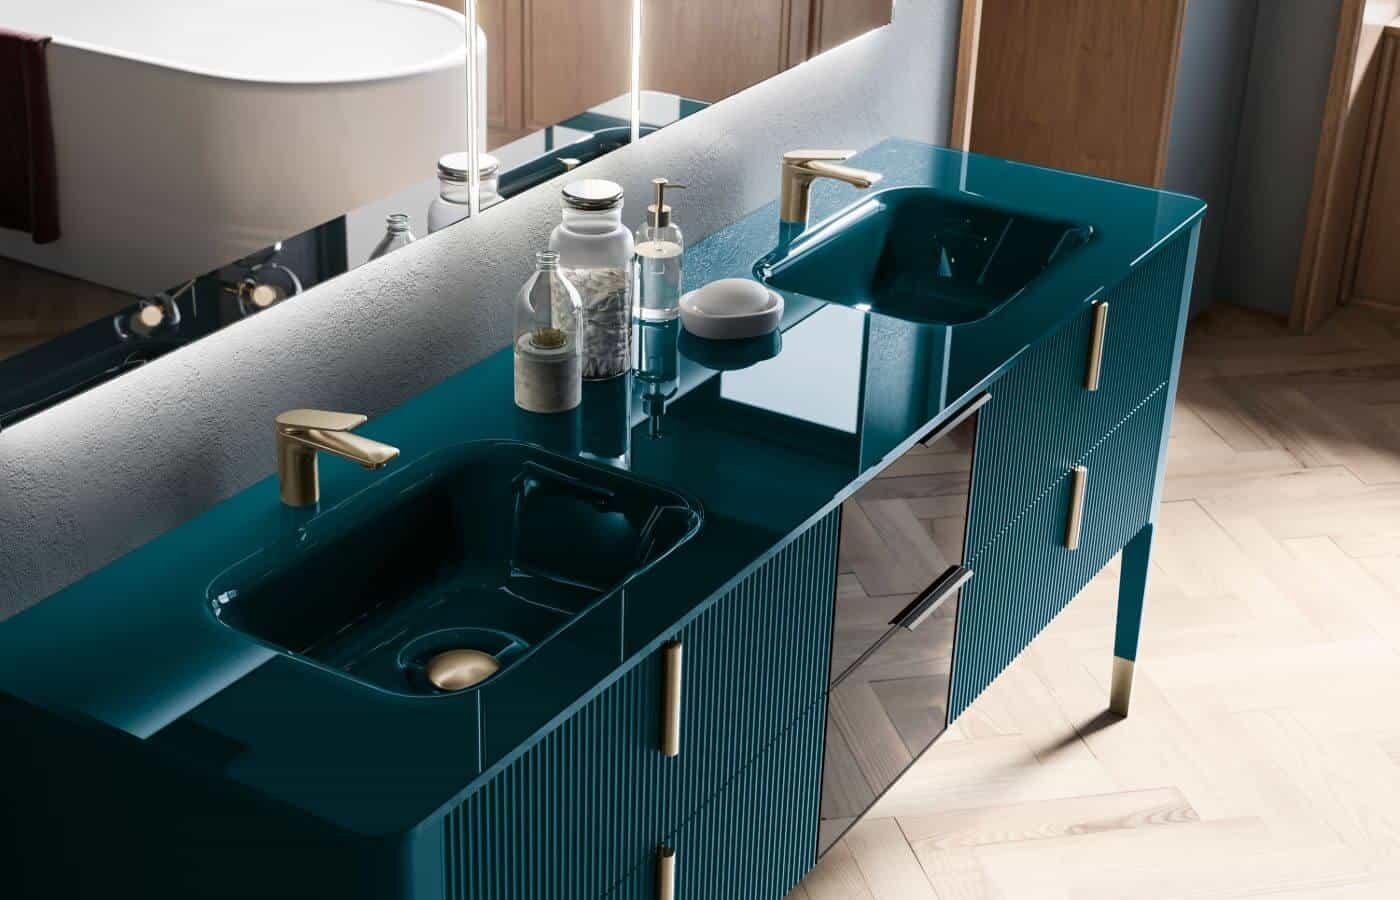 bagni-collezione-vertigo-art-il-mobile (2)